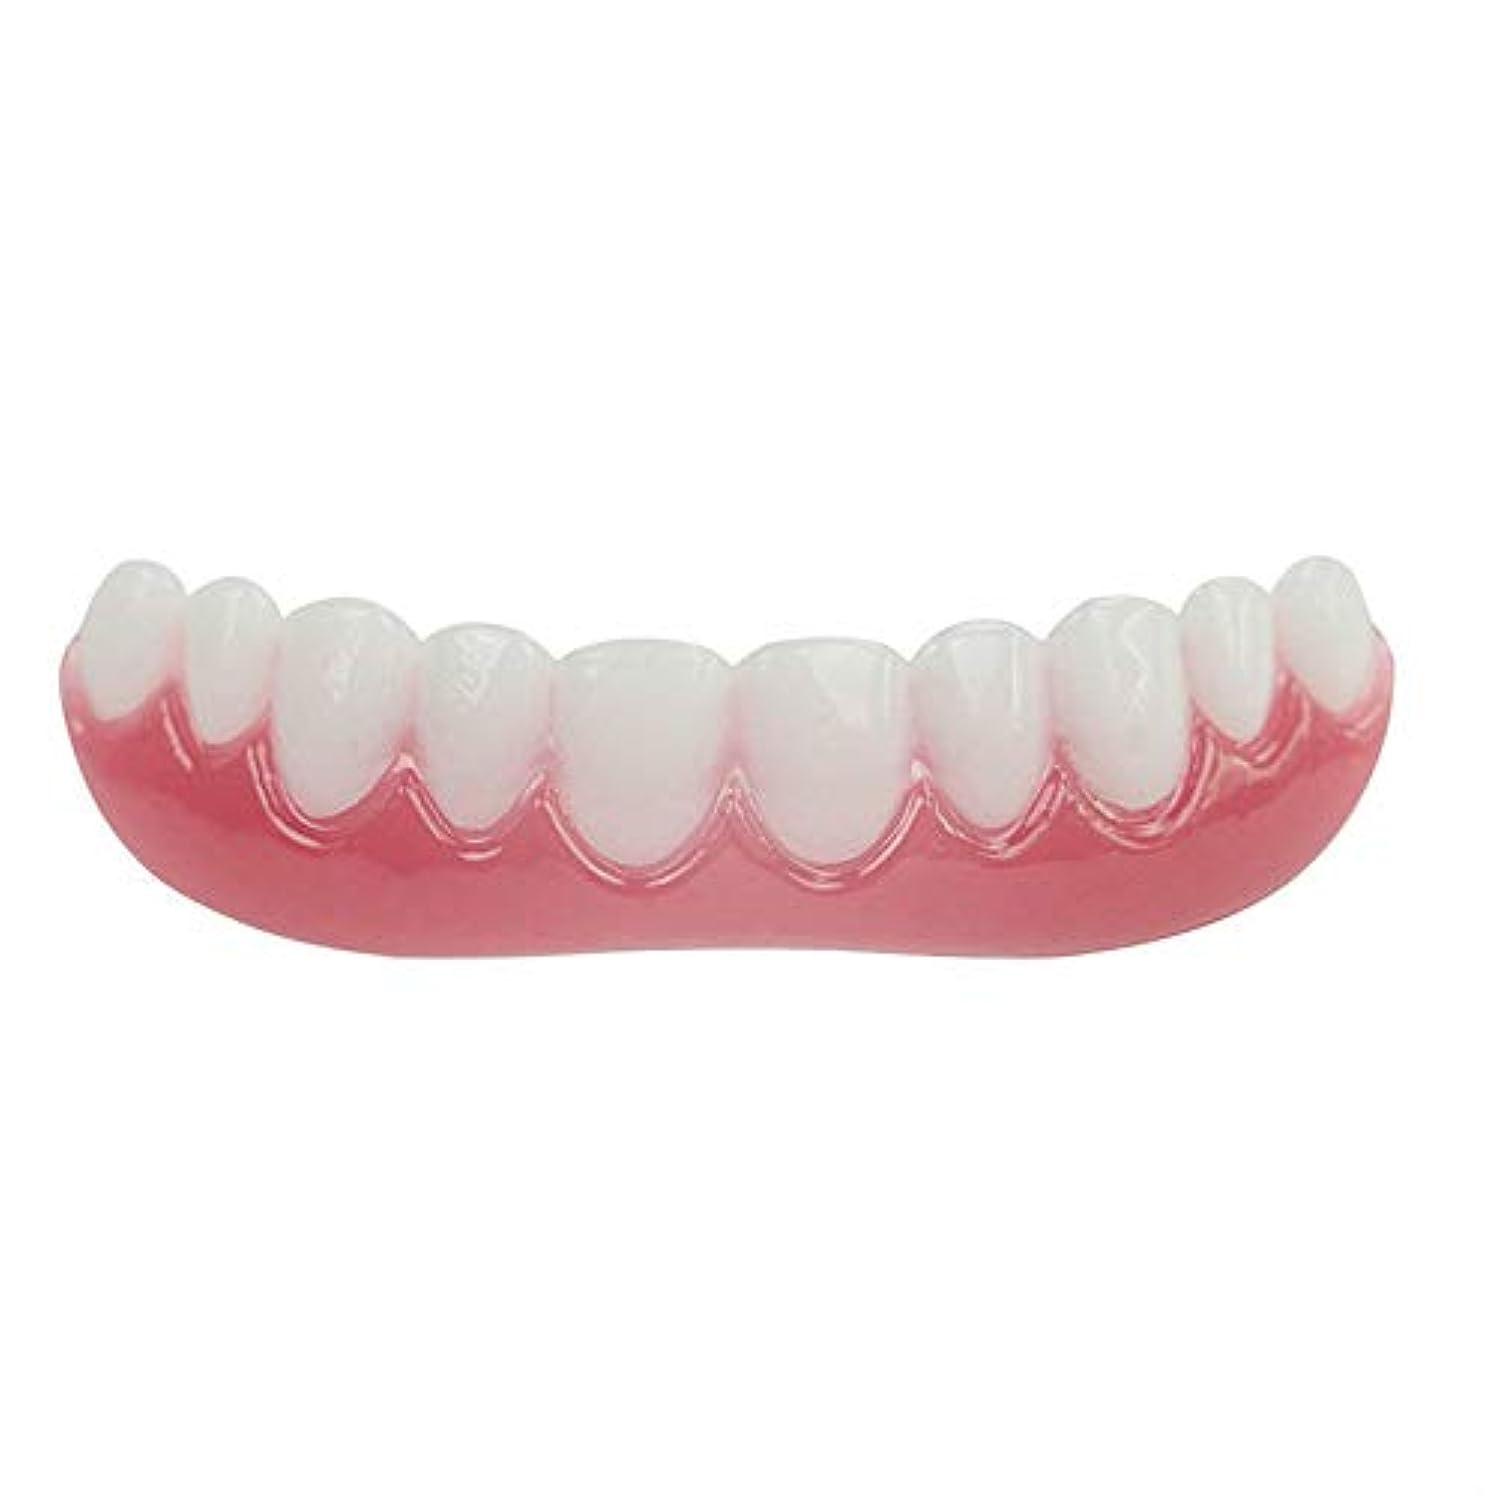 名誉電気のリードシリコンシミュレーション義歯、歯科用ベニヤホワイトトゥースセット(1個),Boxed,Lower